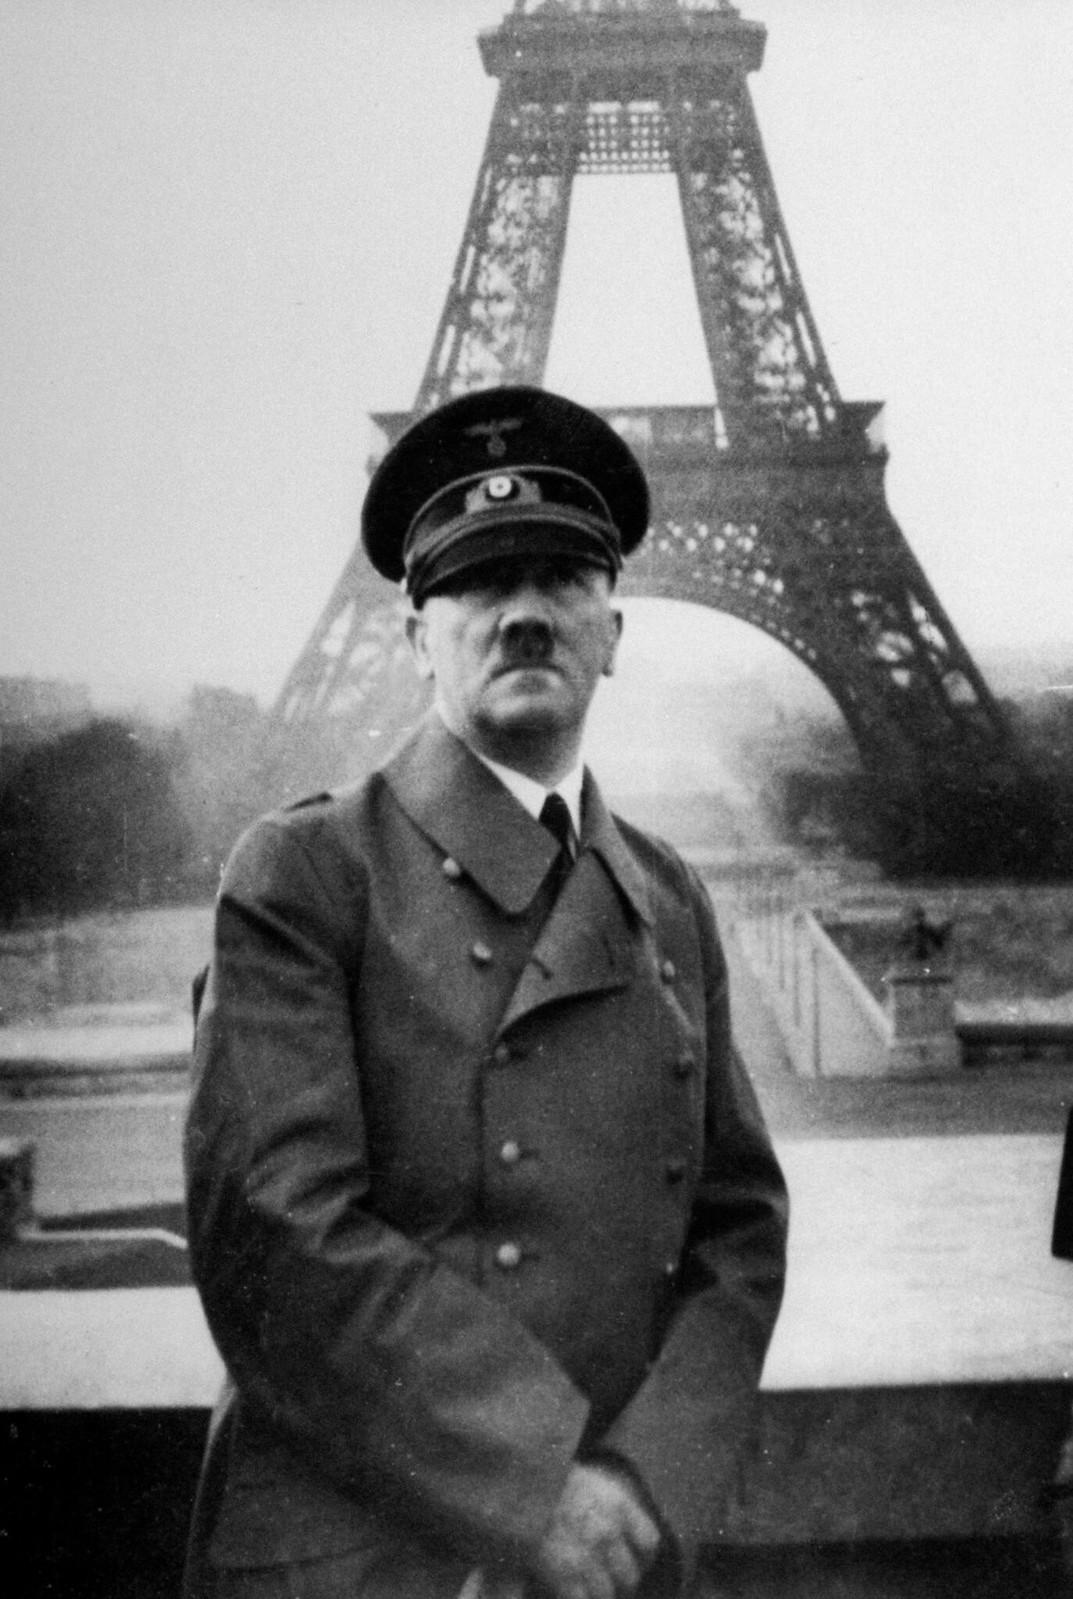 15. Адольф Гитлер позирует перед Эйфелевой башней